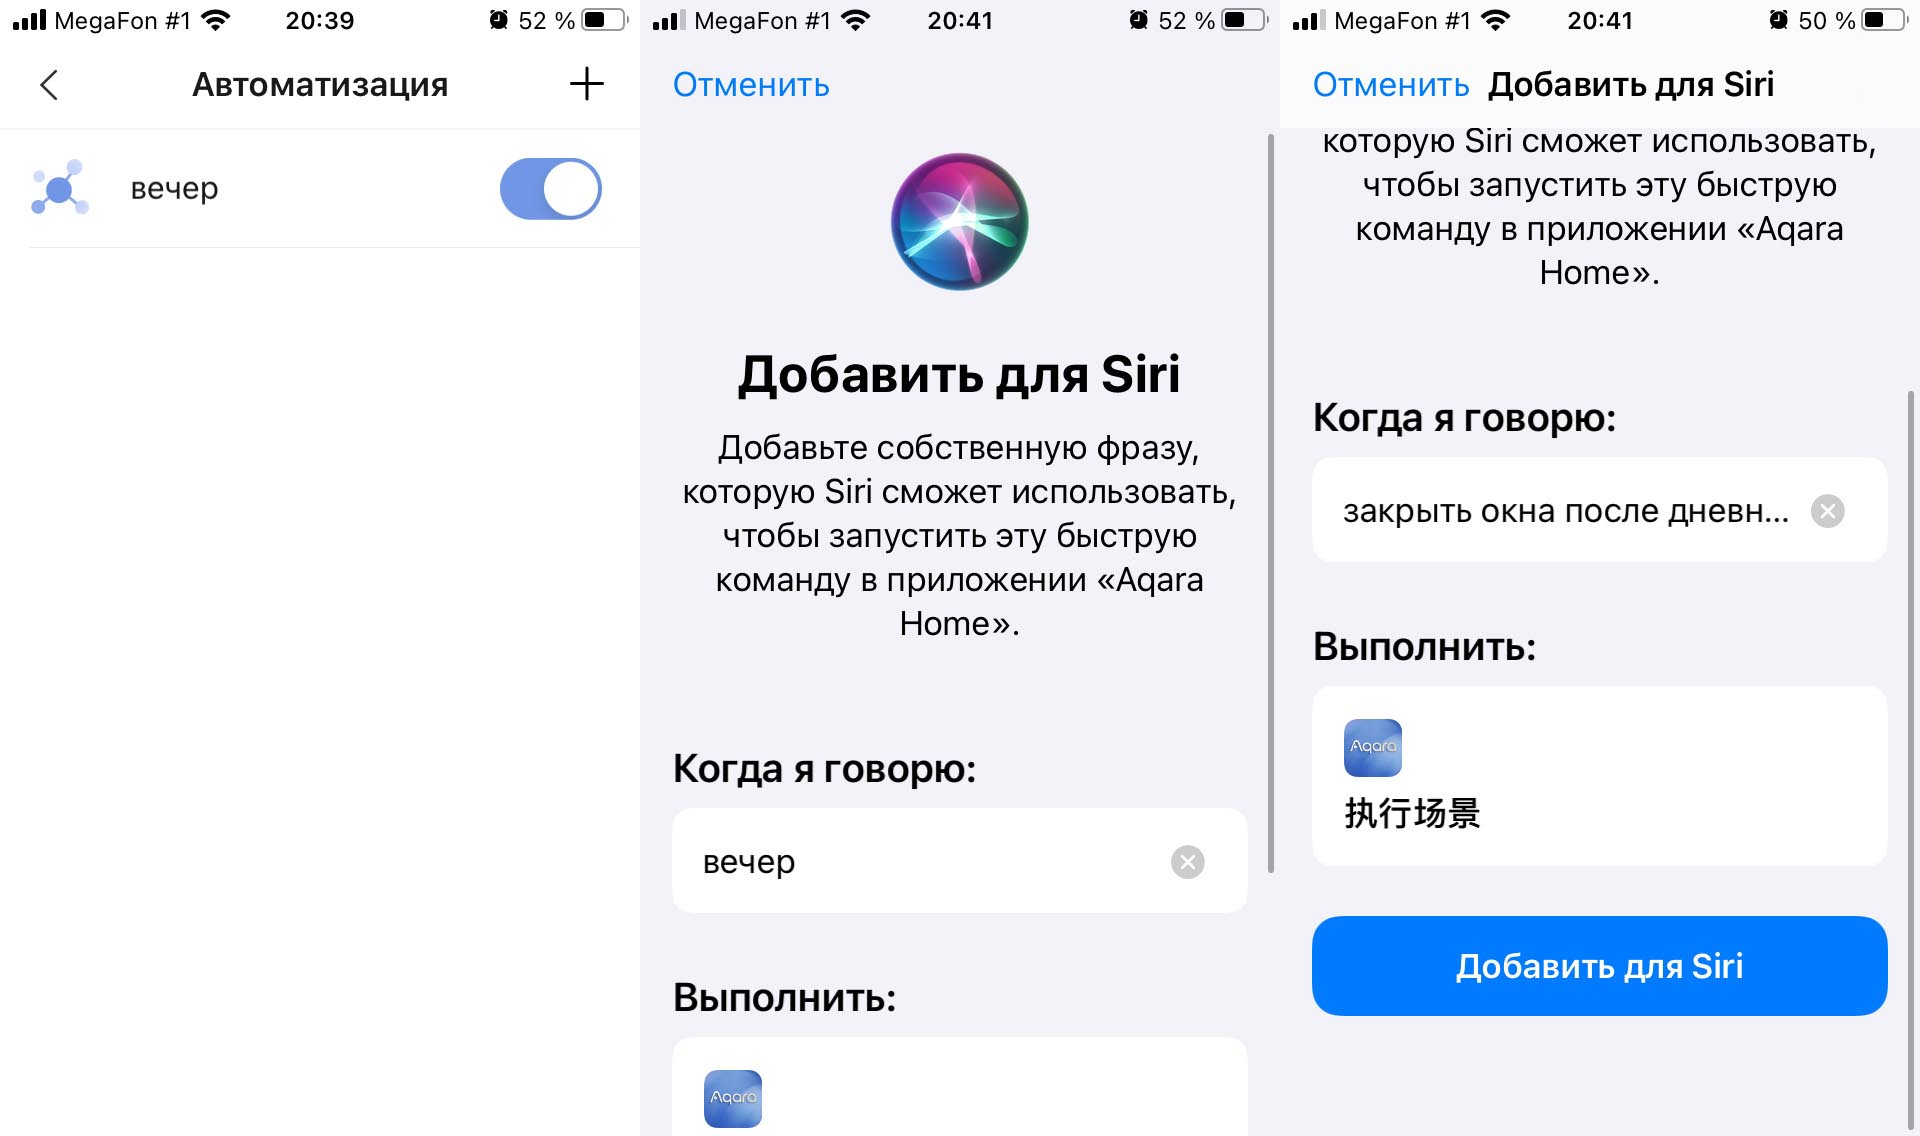 Нужно больше разъемов: обзор usb-хаба и адаптеров satechi для macbook и ipad pro | it-here.ru